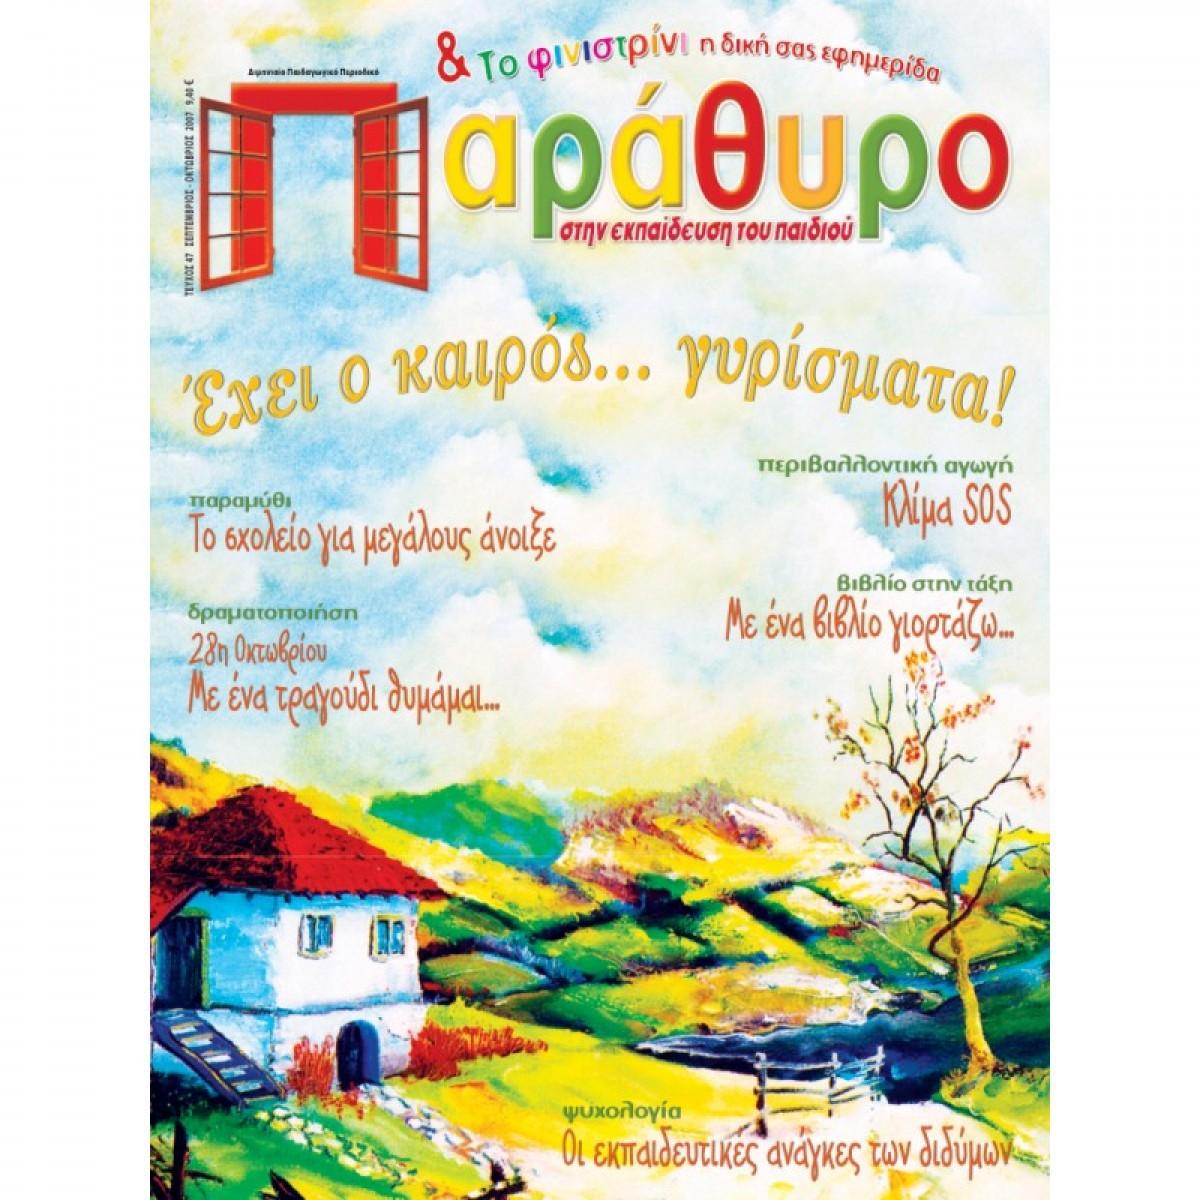 ΠΑΡΑΘΥΡΟ ΤΕΥΧΟΣ 47 Περιοδικό Παράθυρο